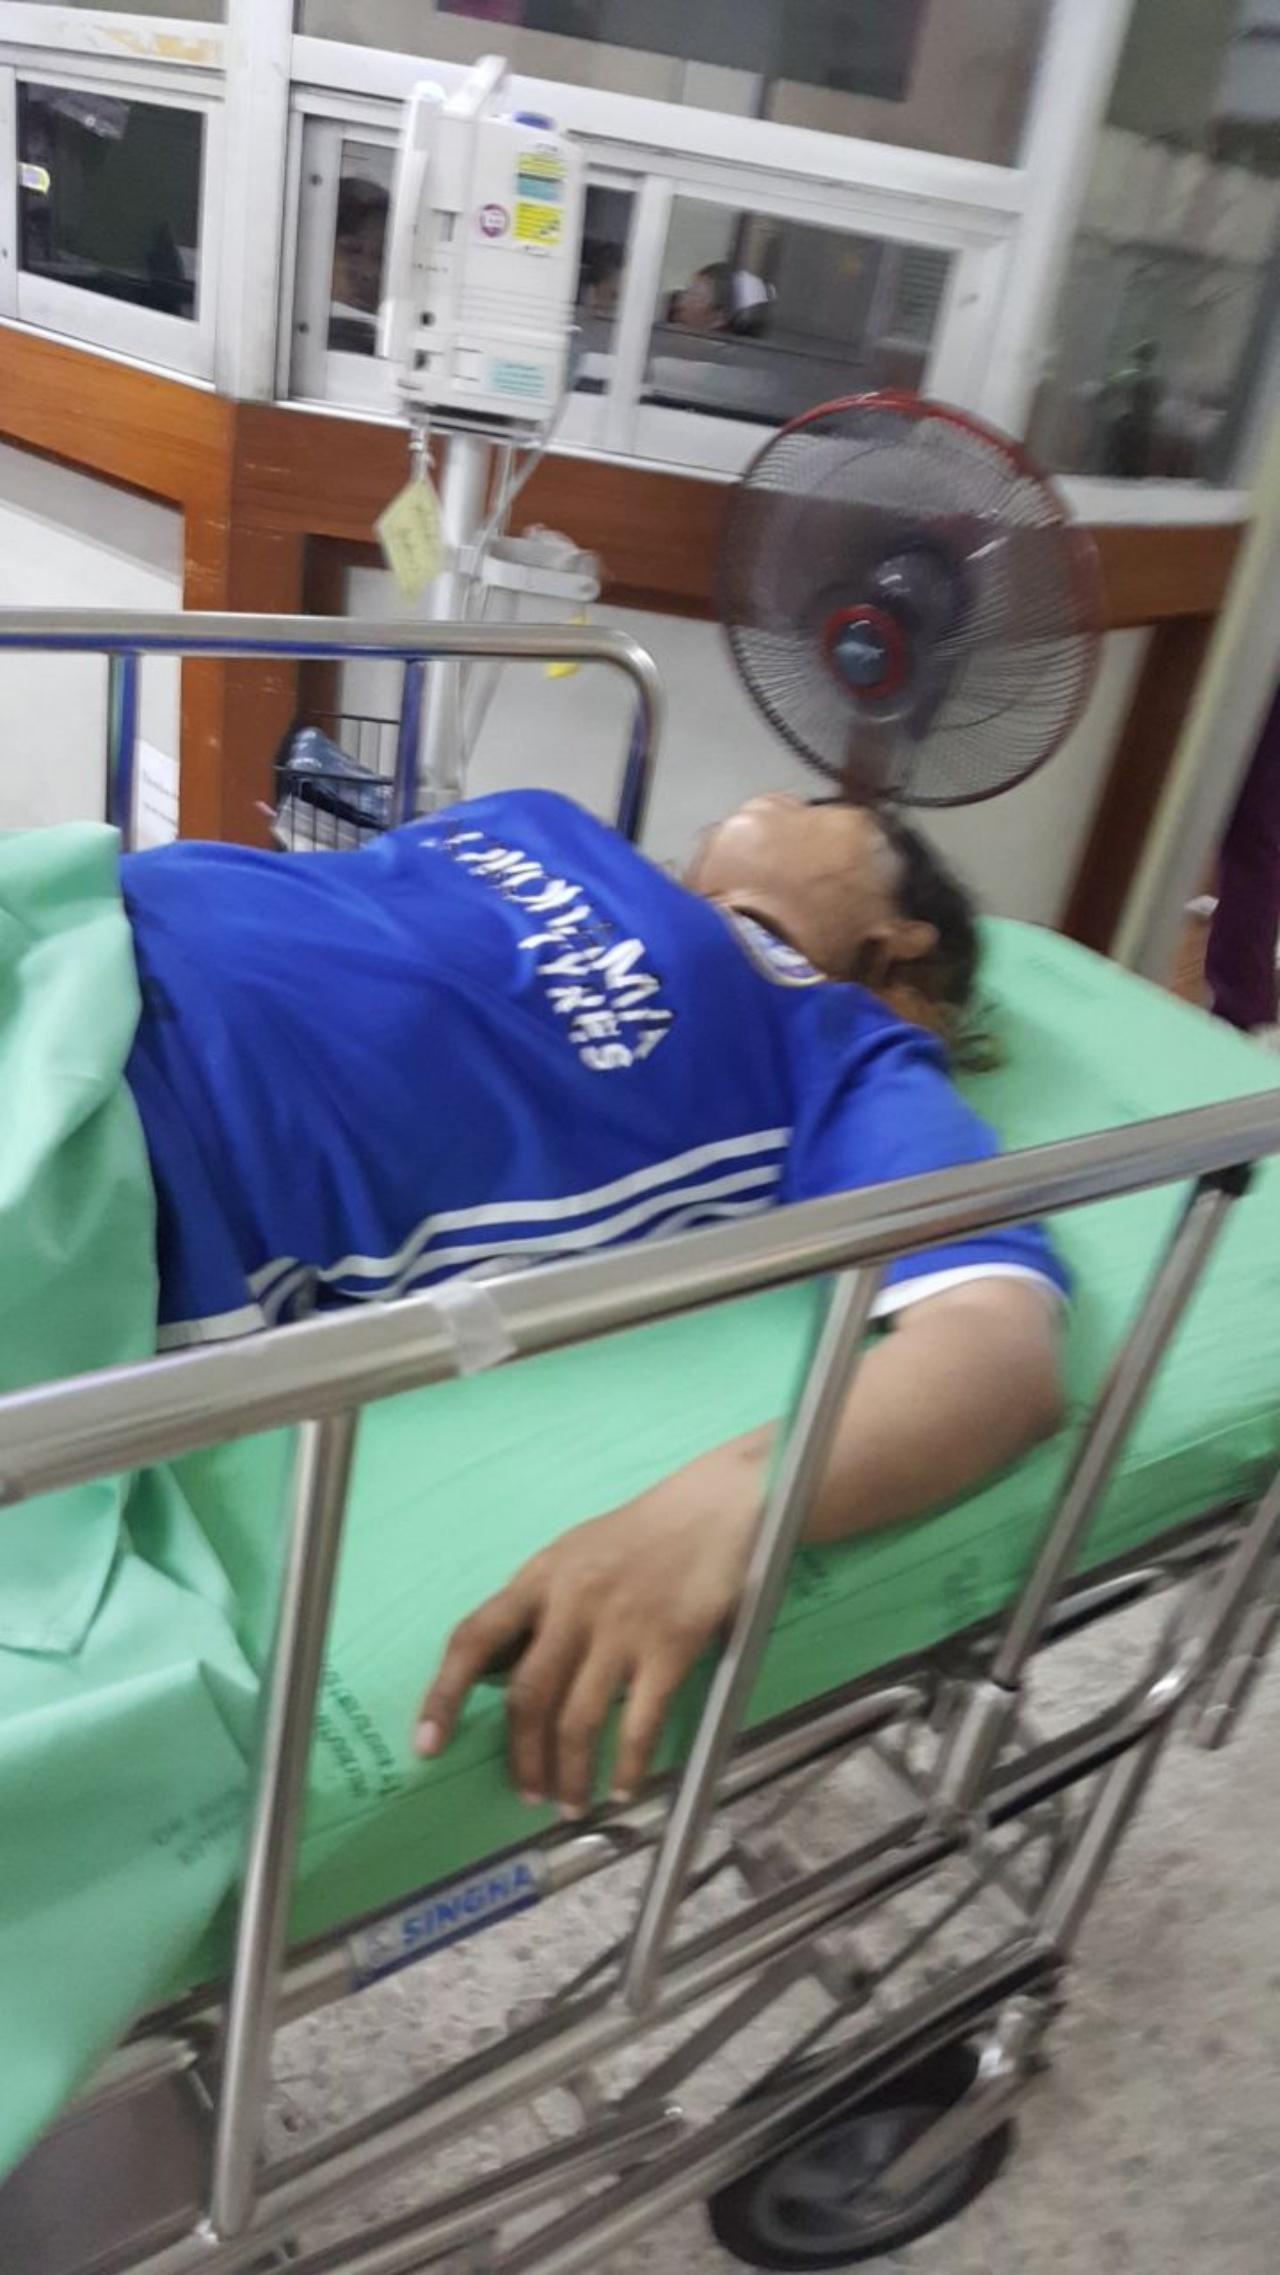 สาวกัมพูชาถึงโรงพยาบาลก็ถูกพาเข้าห้องฉุกเฉินทันที